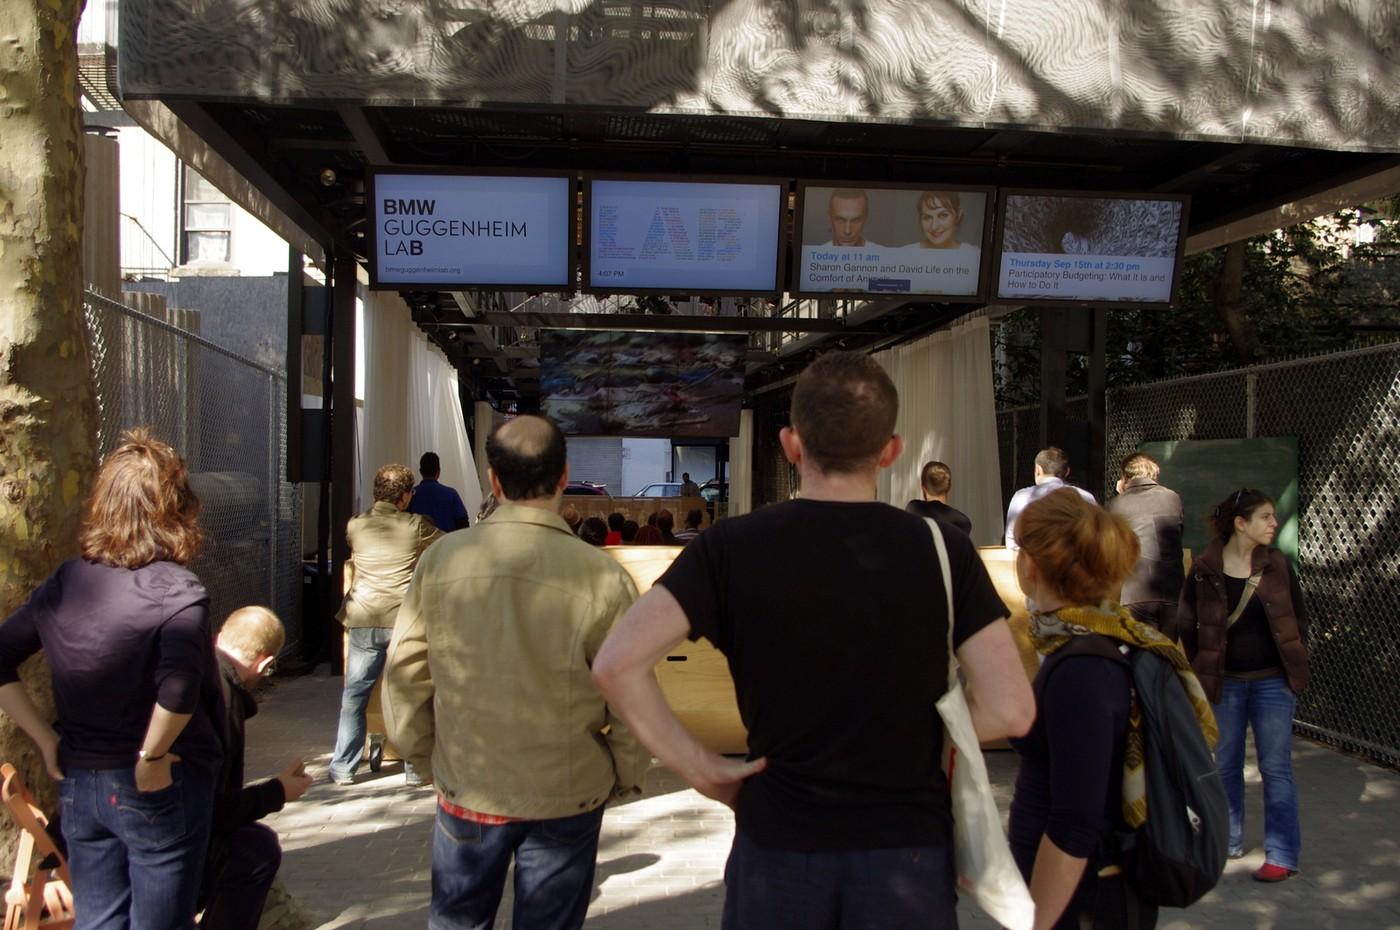 Na pomezí newyorských čtvrtí Lower East Side a East Village laboratoř navštívilo od podzimu minulého roku během deseti týdnů  přes padesát tisíc lidí